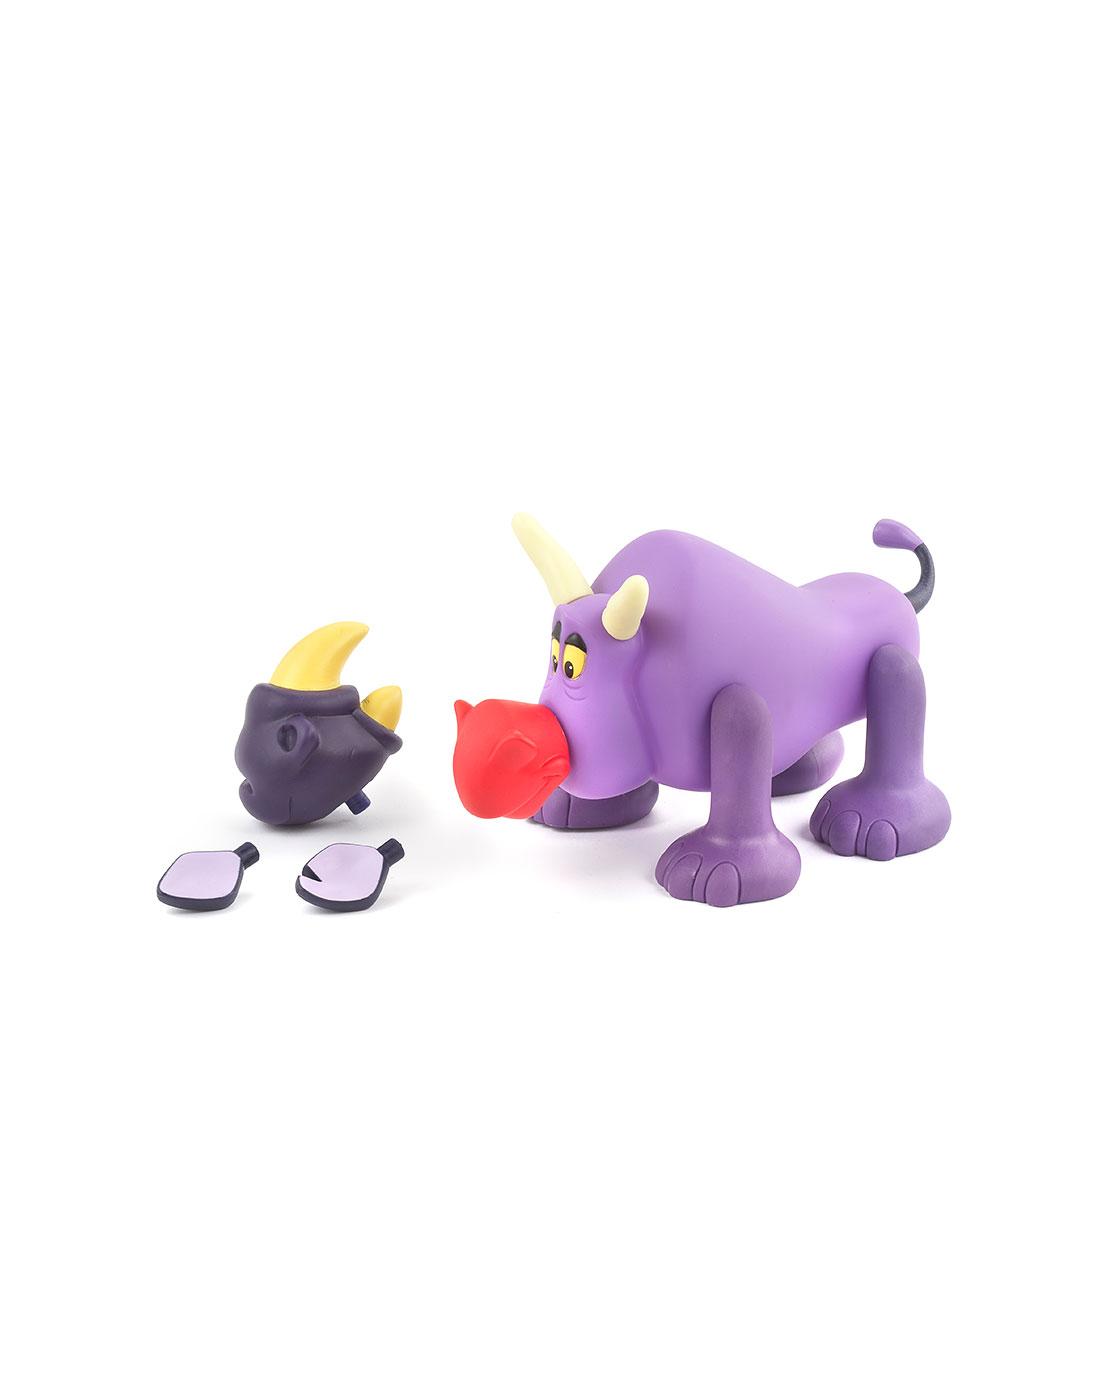 可爱动物玩具系列-犀牛